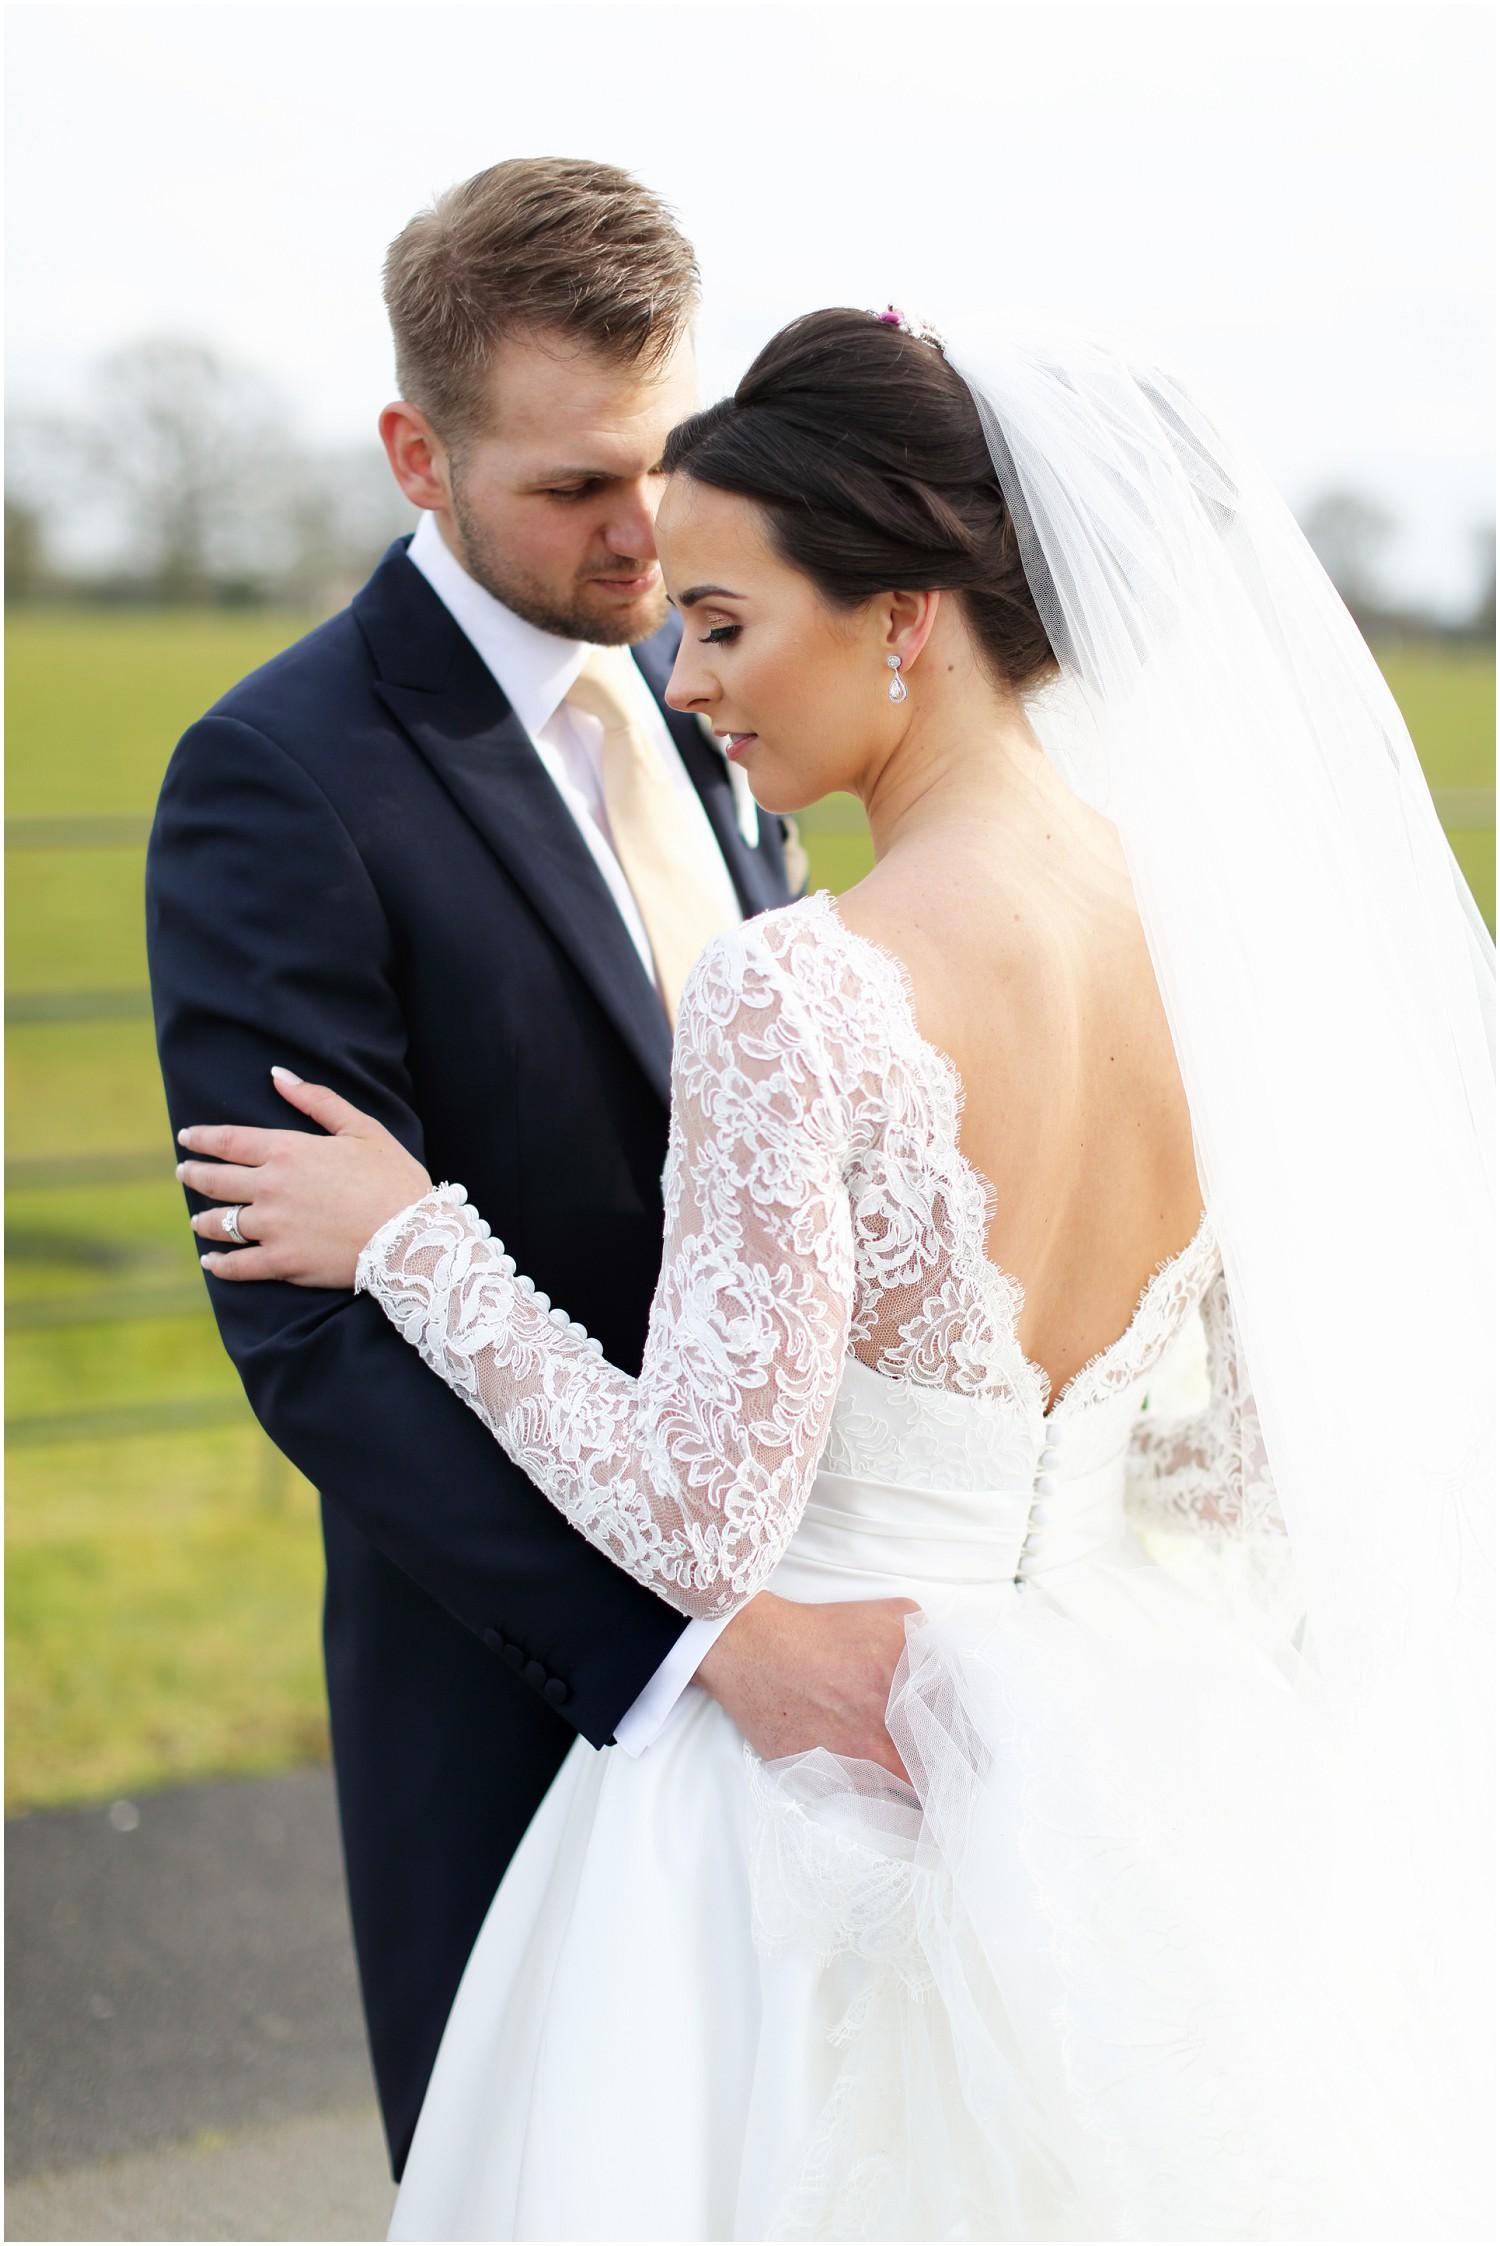 groom admiring bride